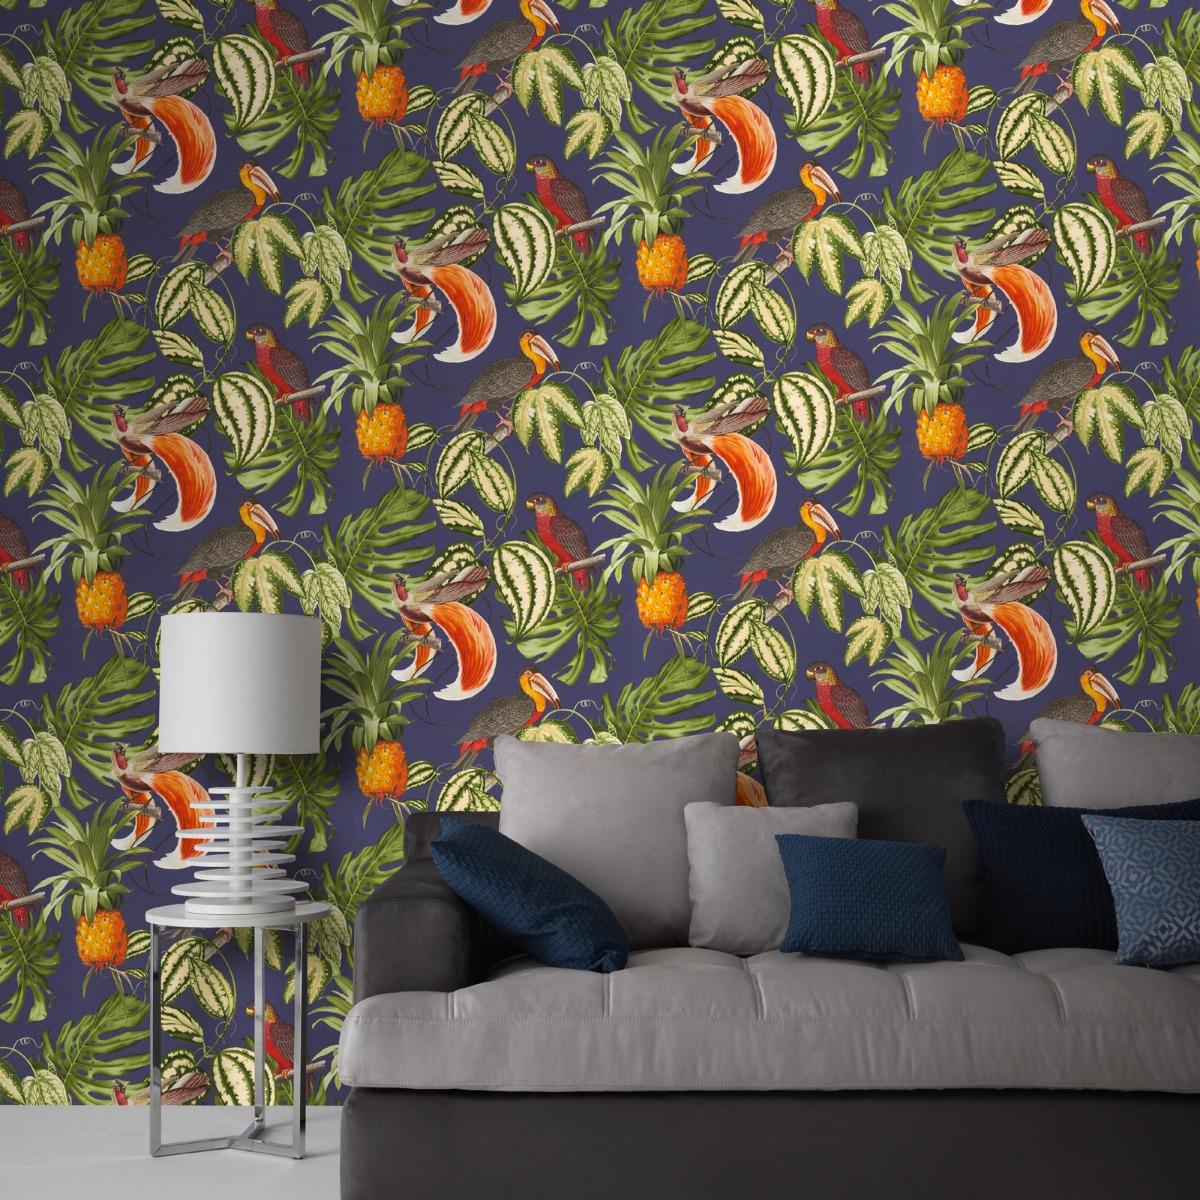 Erismann Paradisio Tropical Birds Wallpaper Navy (6302-08-BUR)